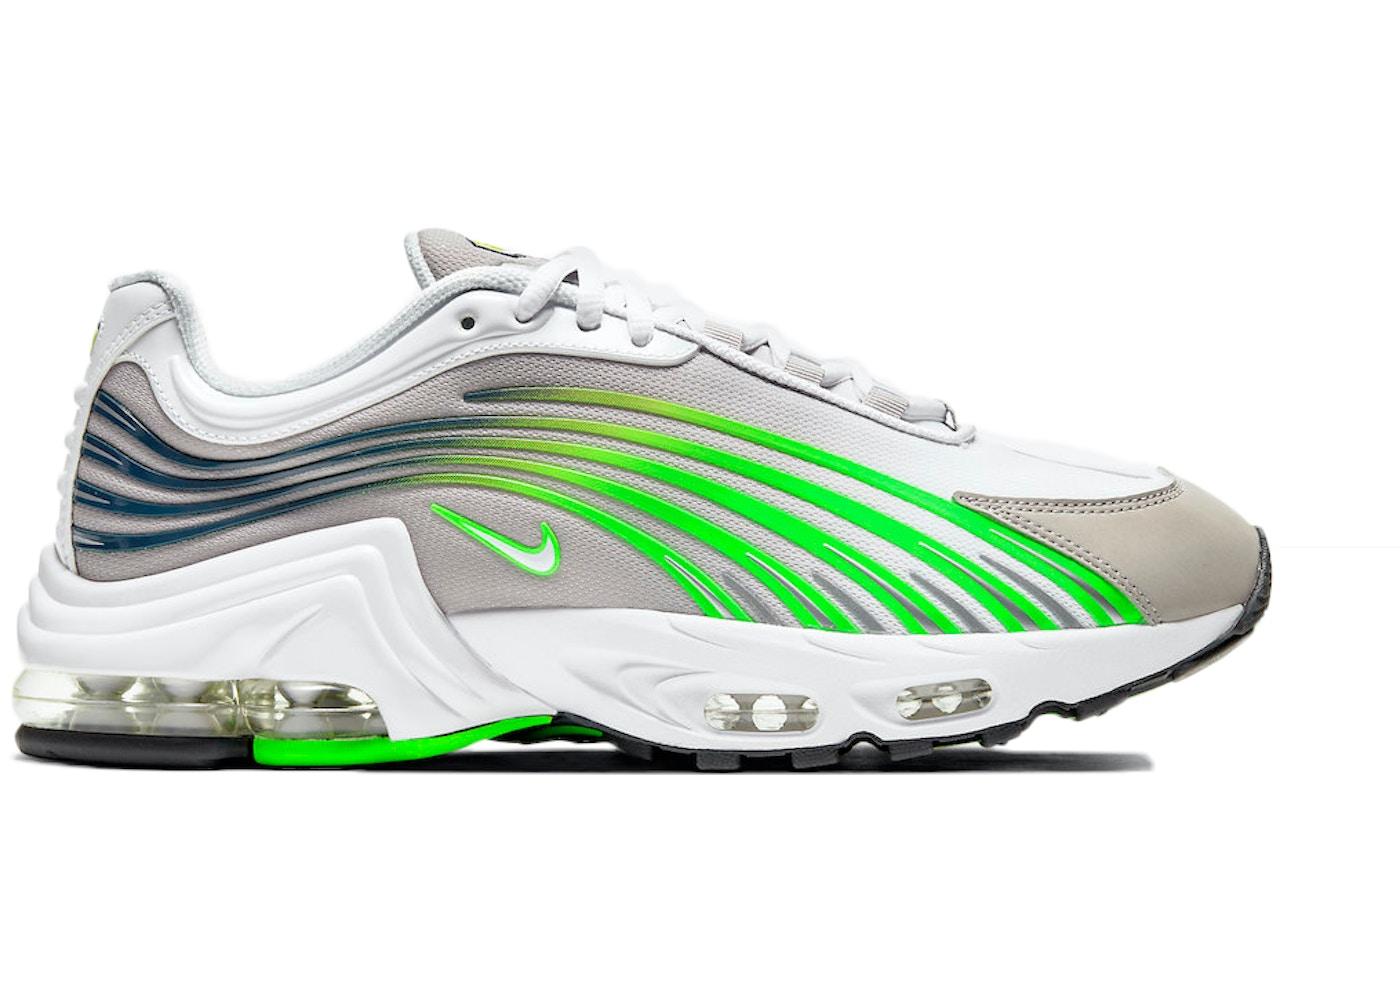 Nike Air Max Plus II Grey Neon Green